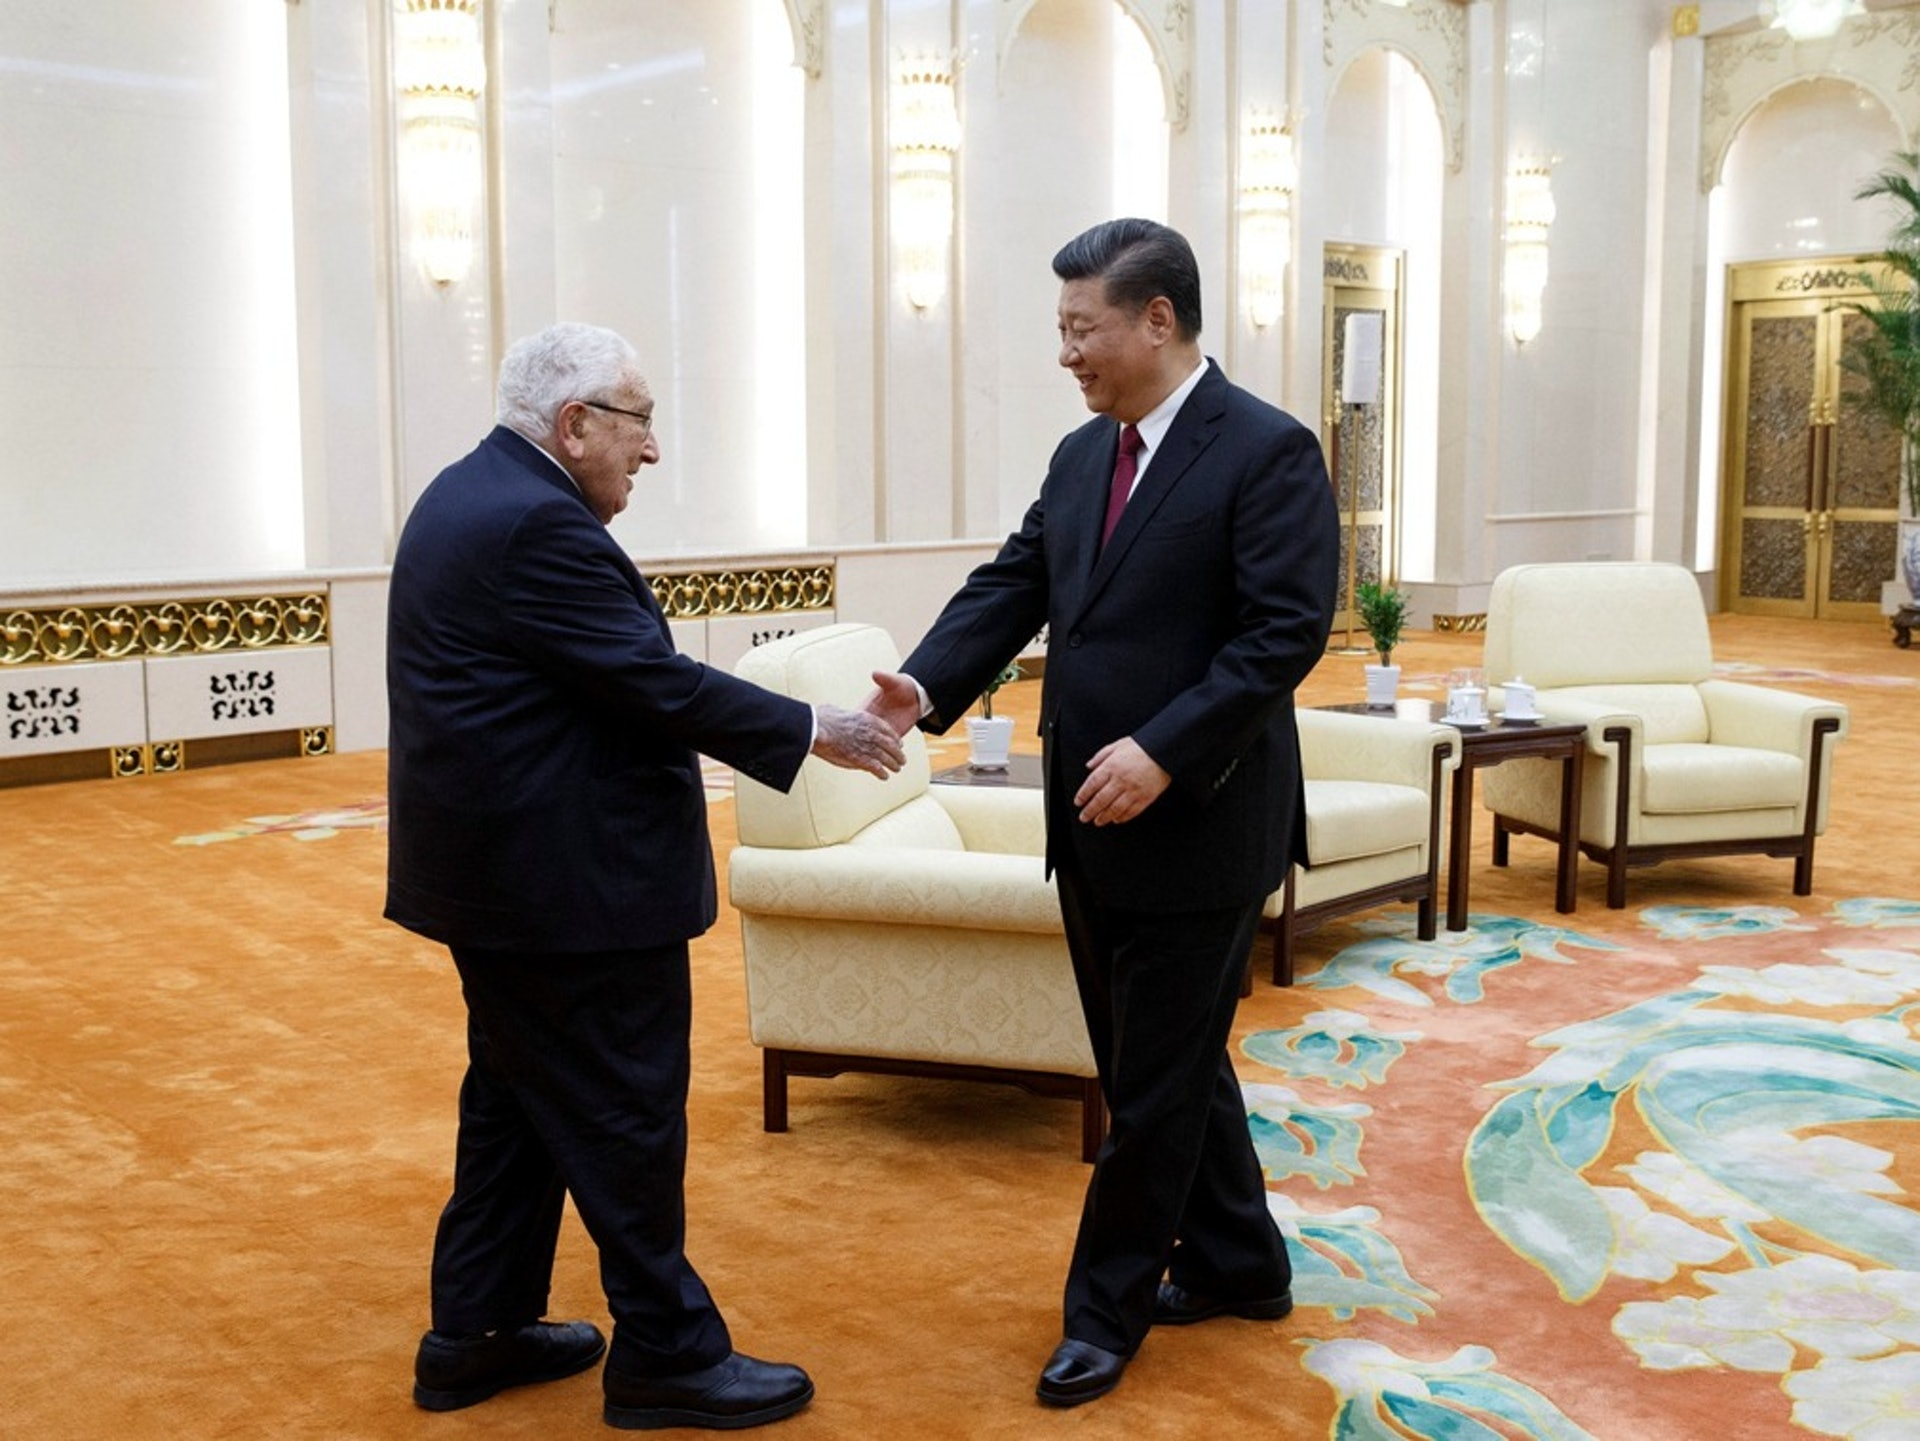 习近平在北京会见美国前国务卿基辛格。 (路透社)